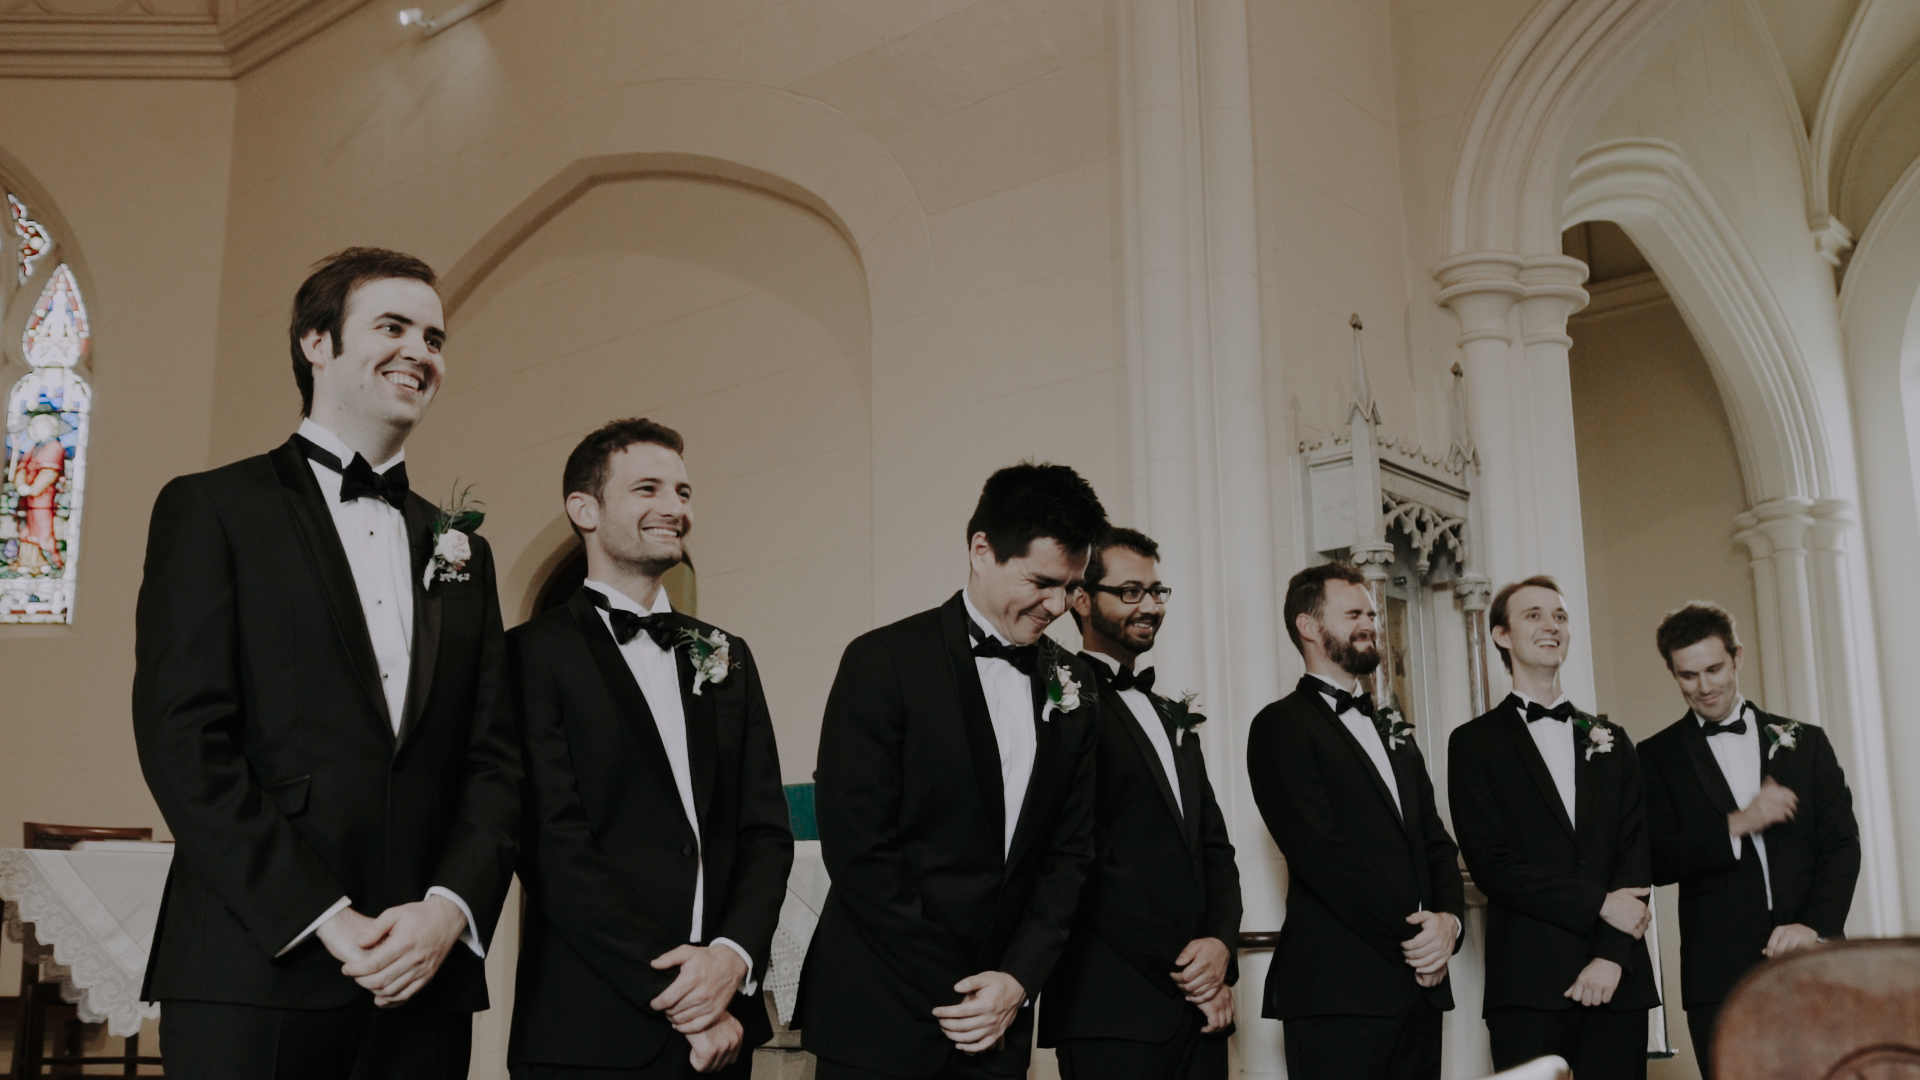 Wedding Pic Groomsmen Laughing.jpg